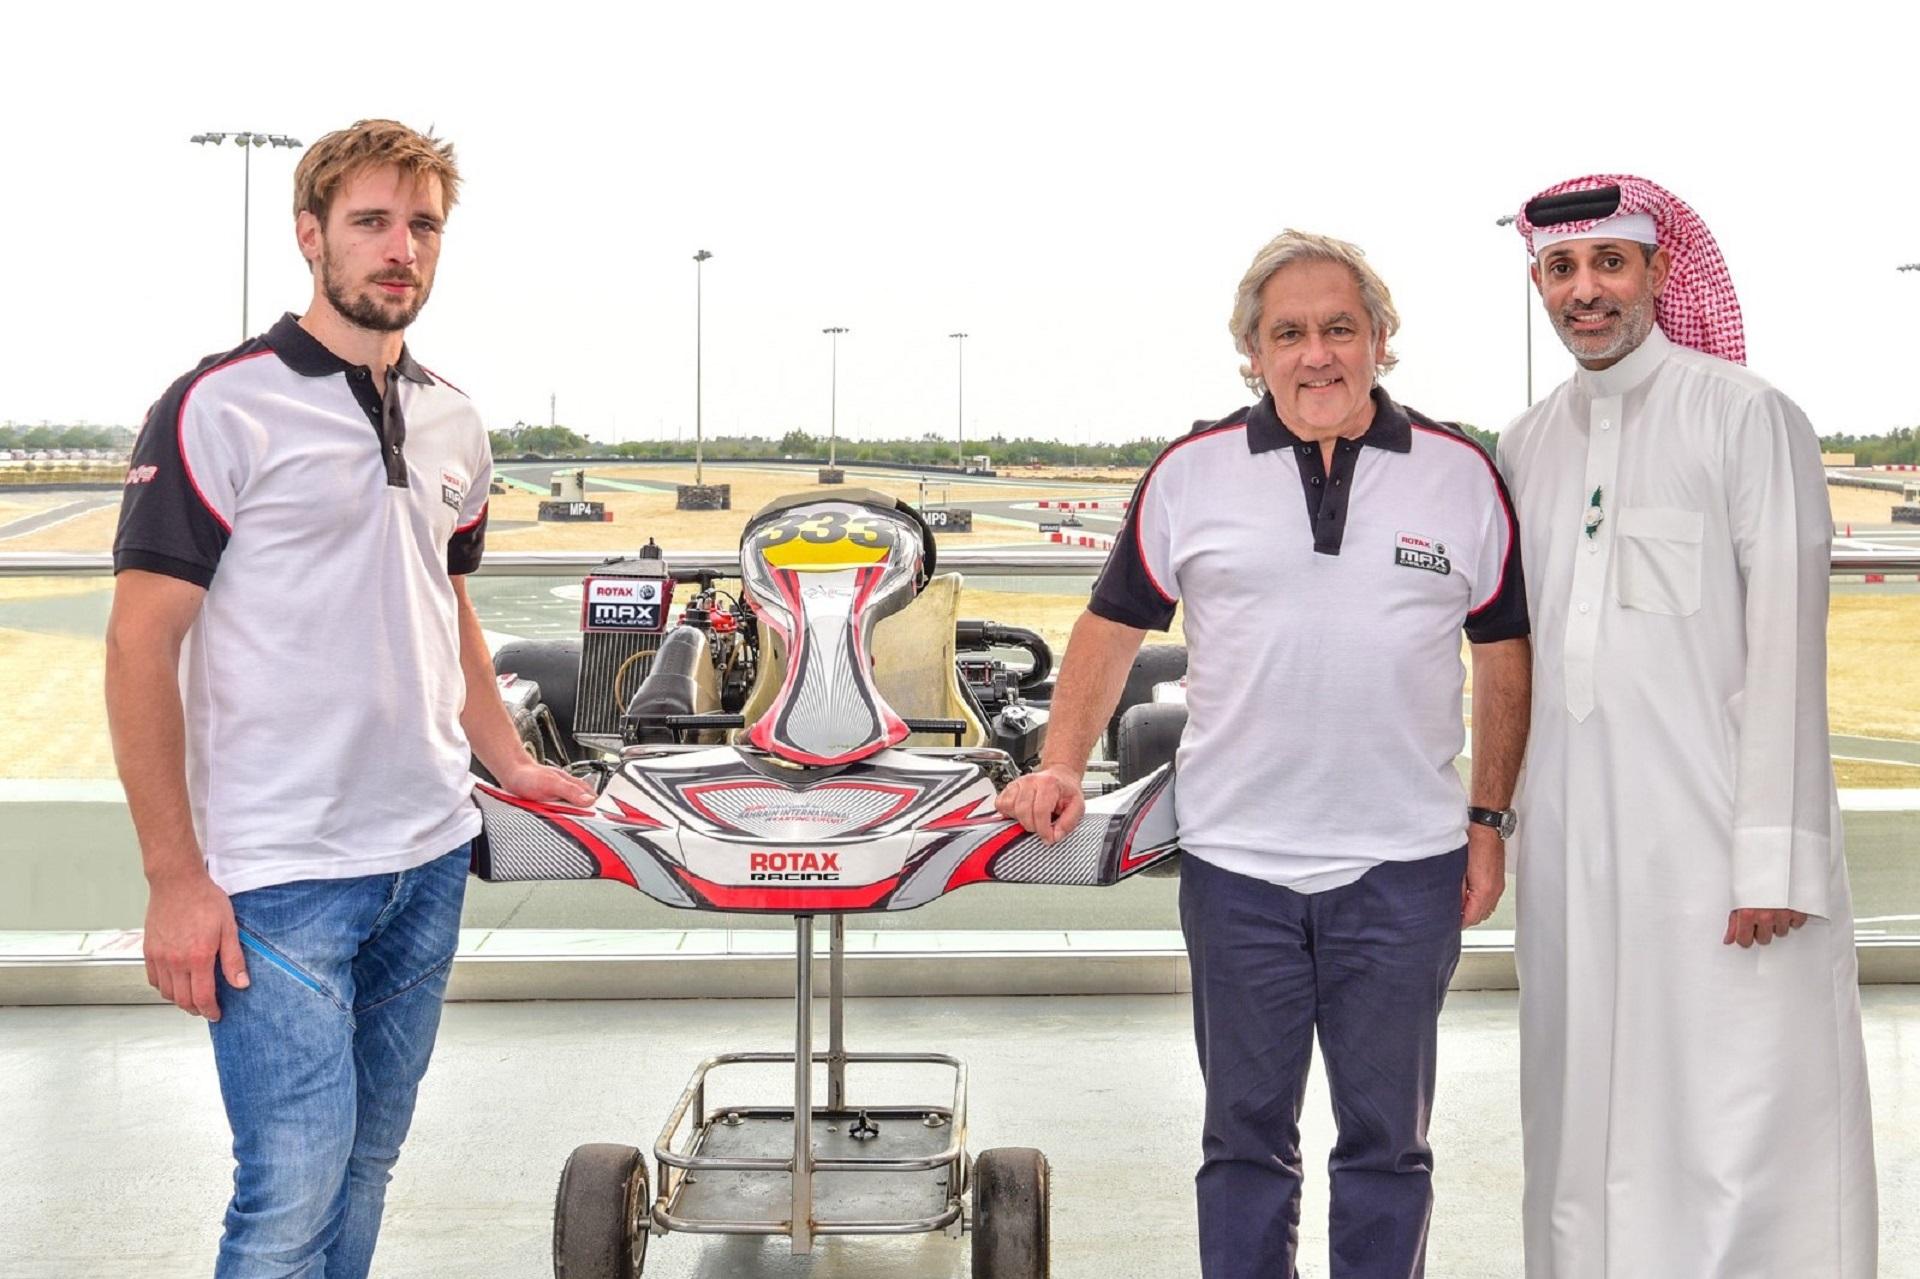 Finais Mundiais Rotax 2020 vão realizar-se no Bahrain de 7 a 14 de novembro